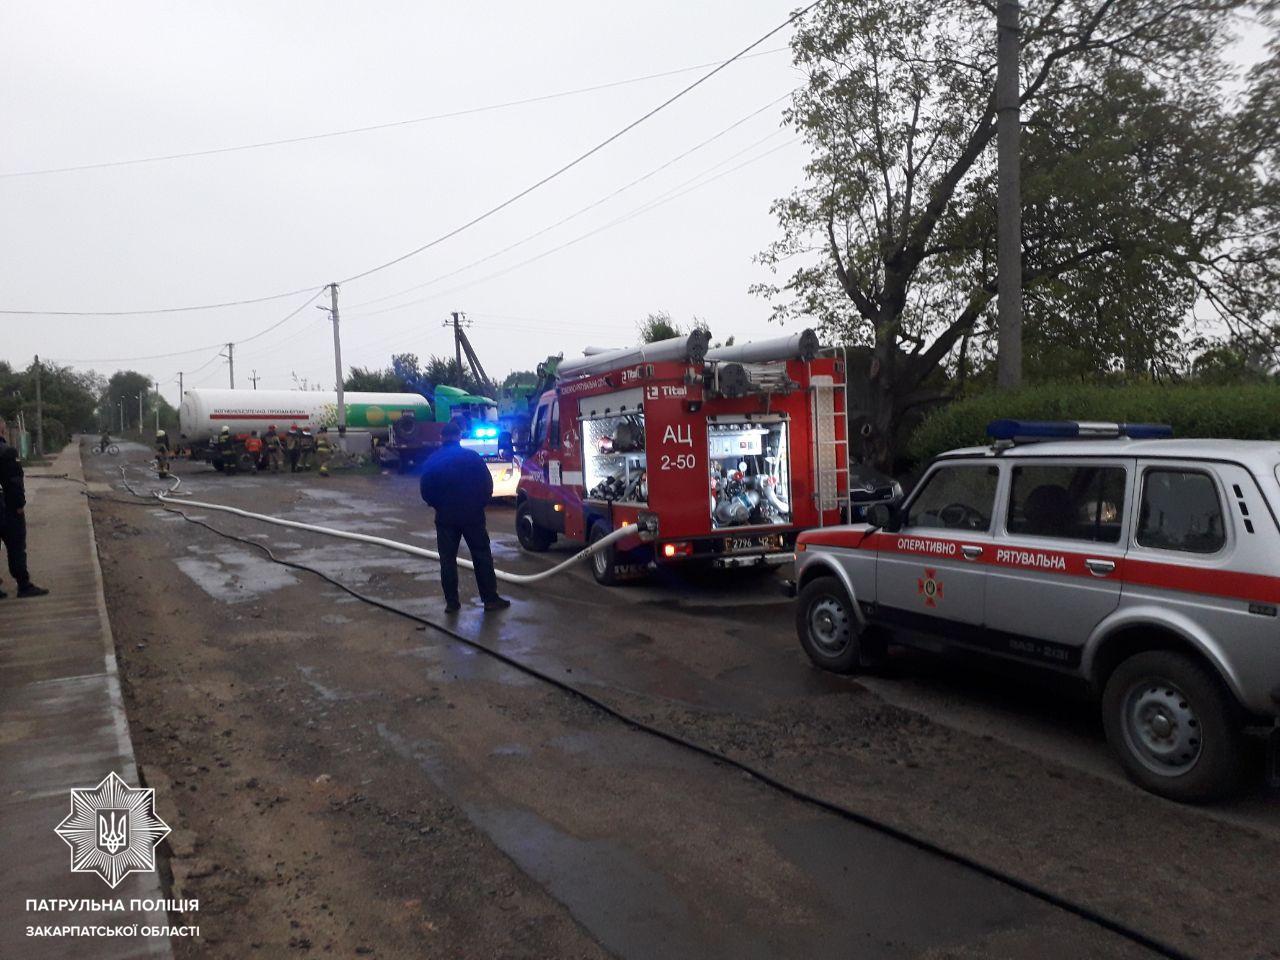 Водій, який перевозив небезпечний вантаж та скоїв ДТП, був п'яним, – поліція